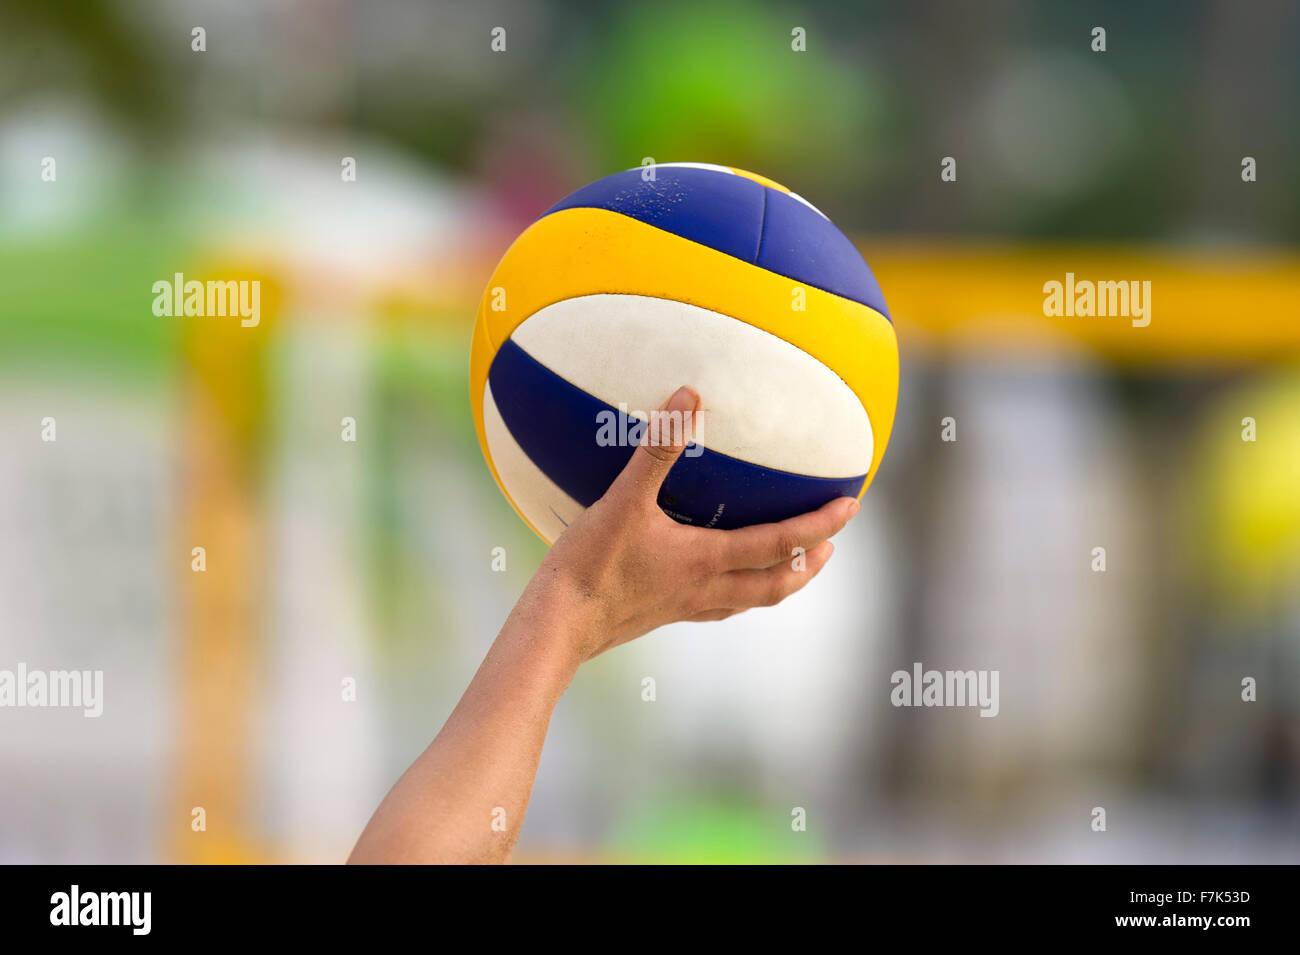 La pallavolo è un campo di pallavolo essendo trattenuto da un giocatore di volleyball pronta per essere servita. Immagini Stock